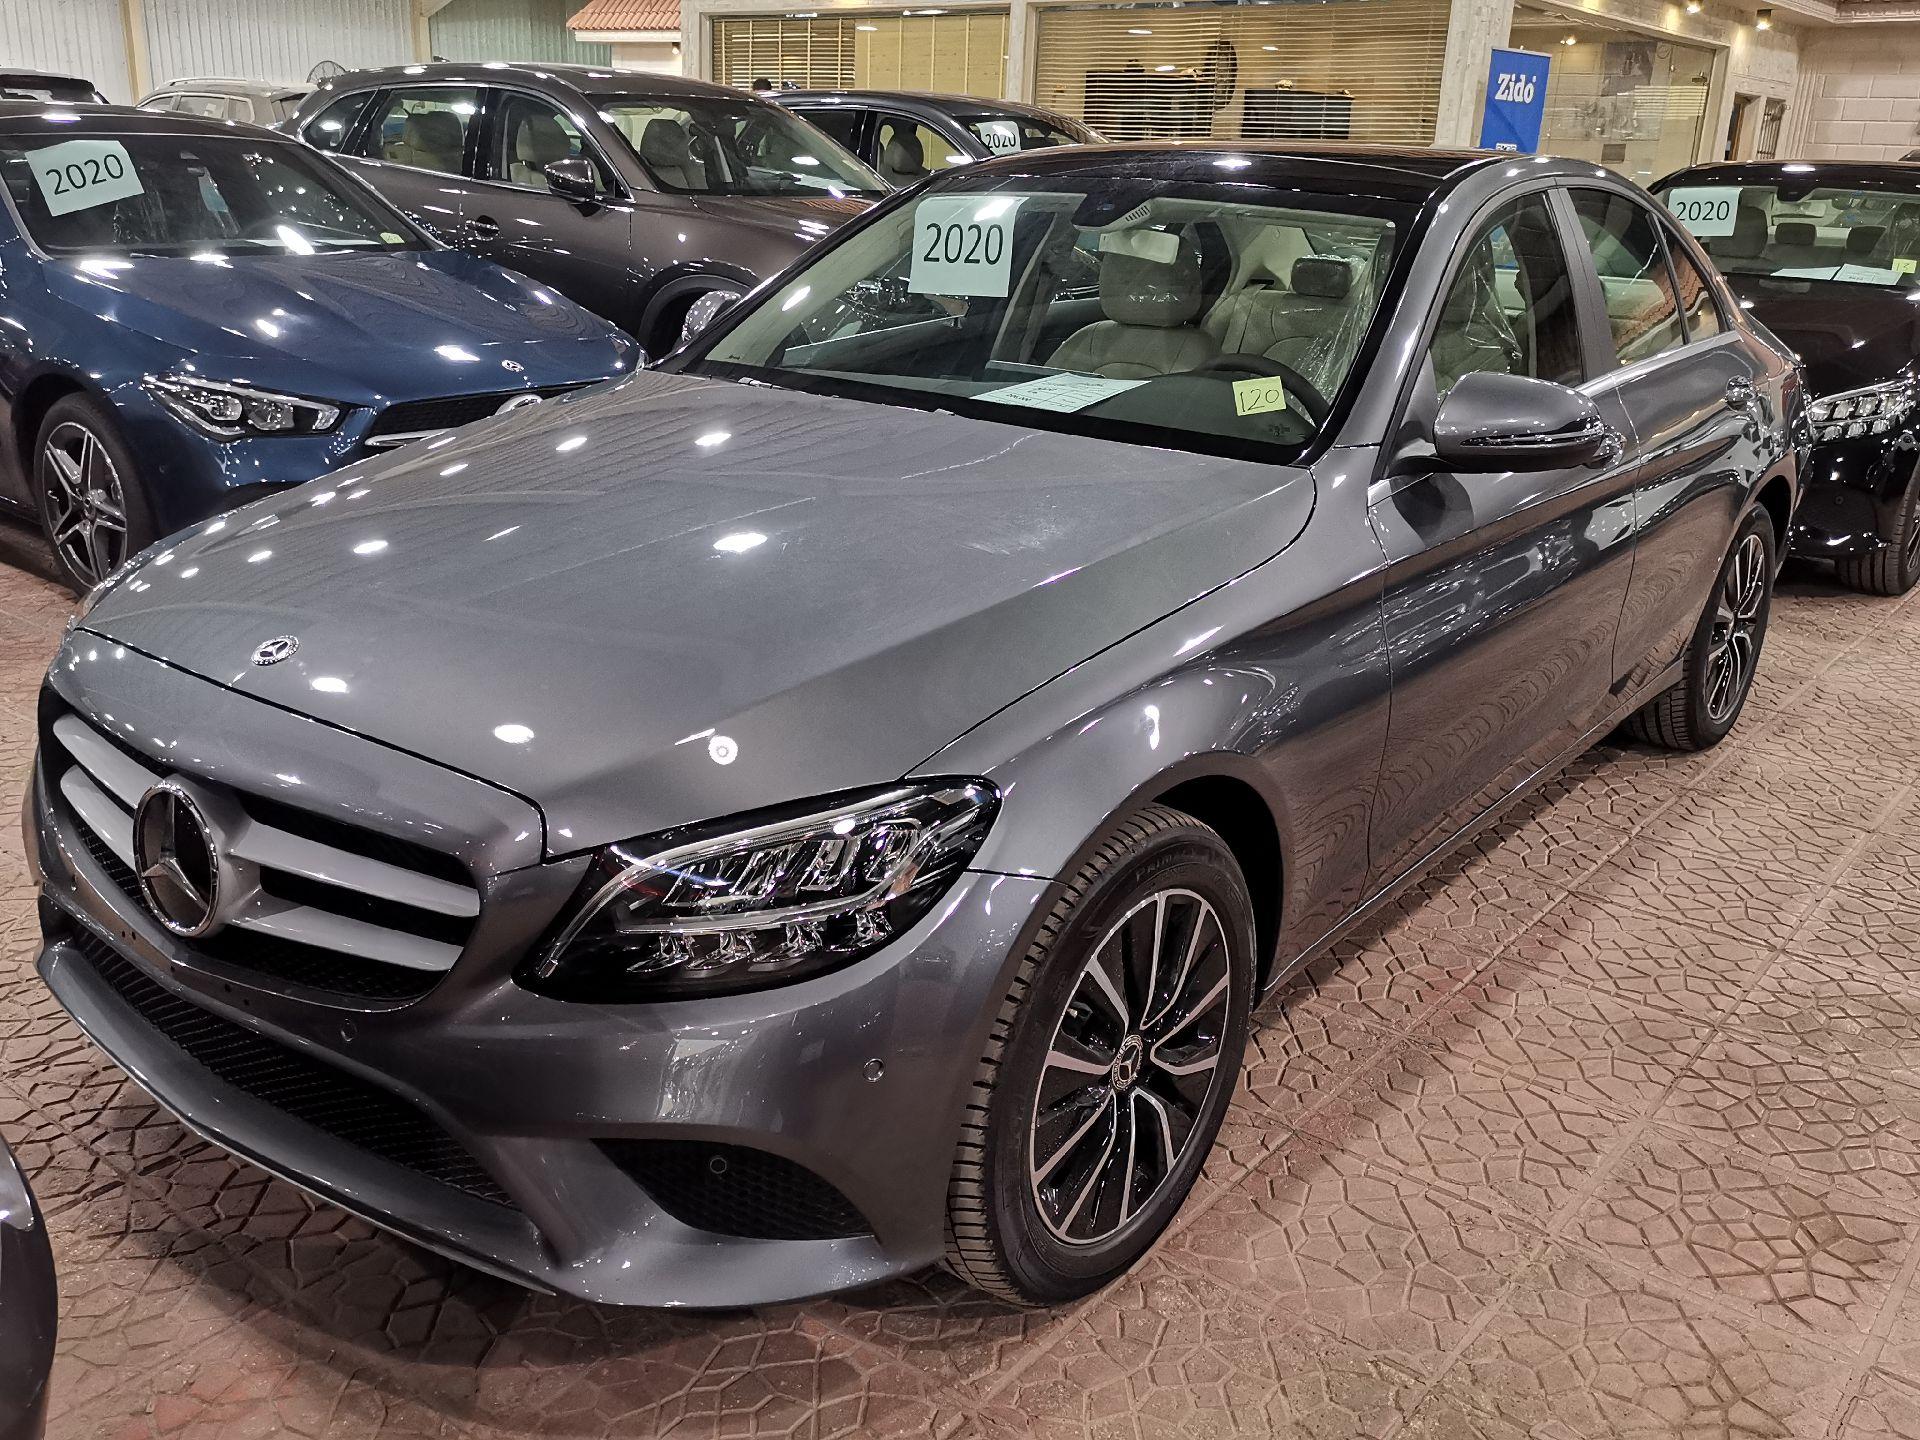 مباع - مرسيدس C200 نص فل 2020 ألماني للبيع في الرياض - السعودية - صورة كبيرة - 4